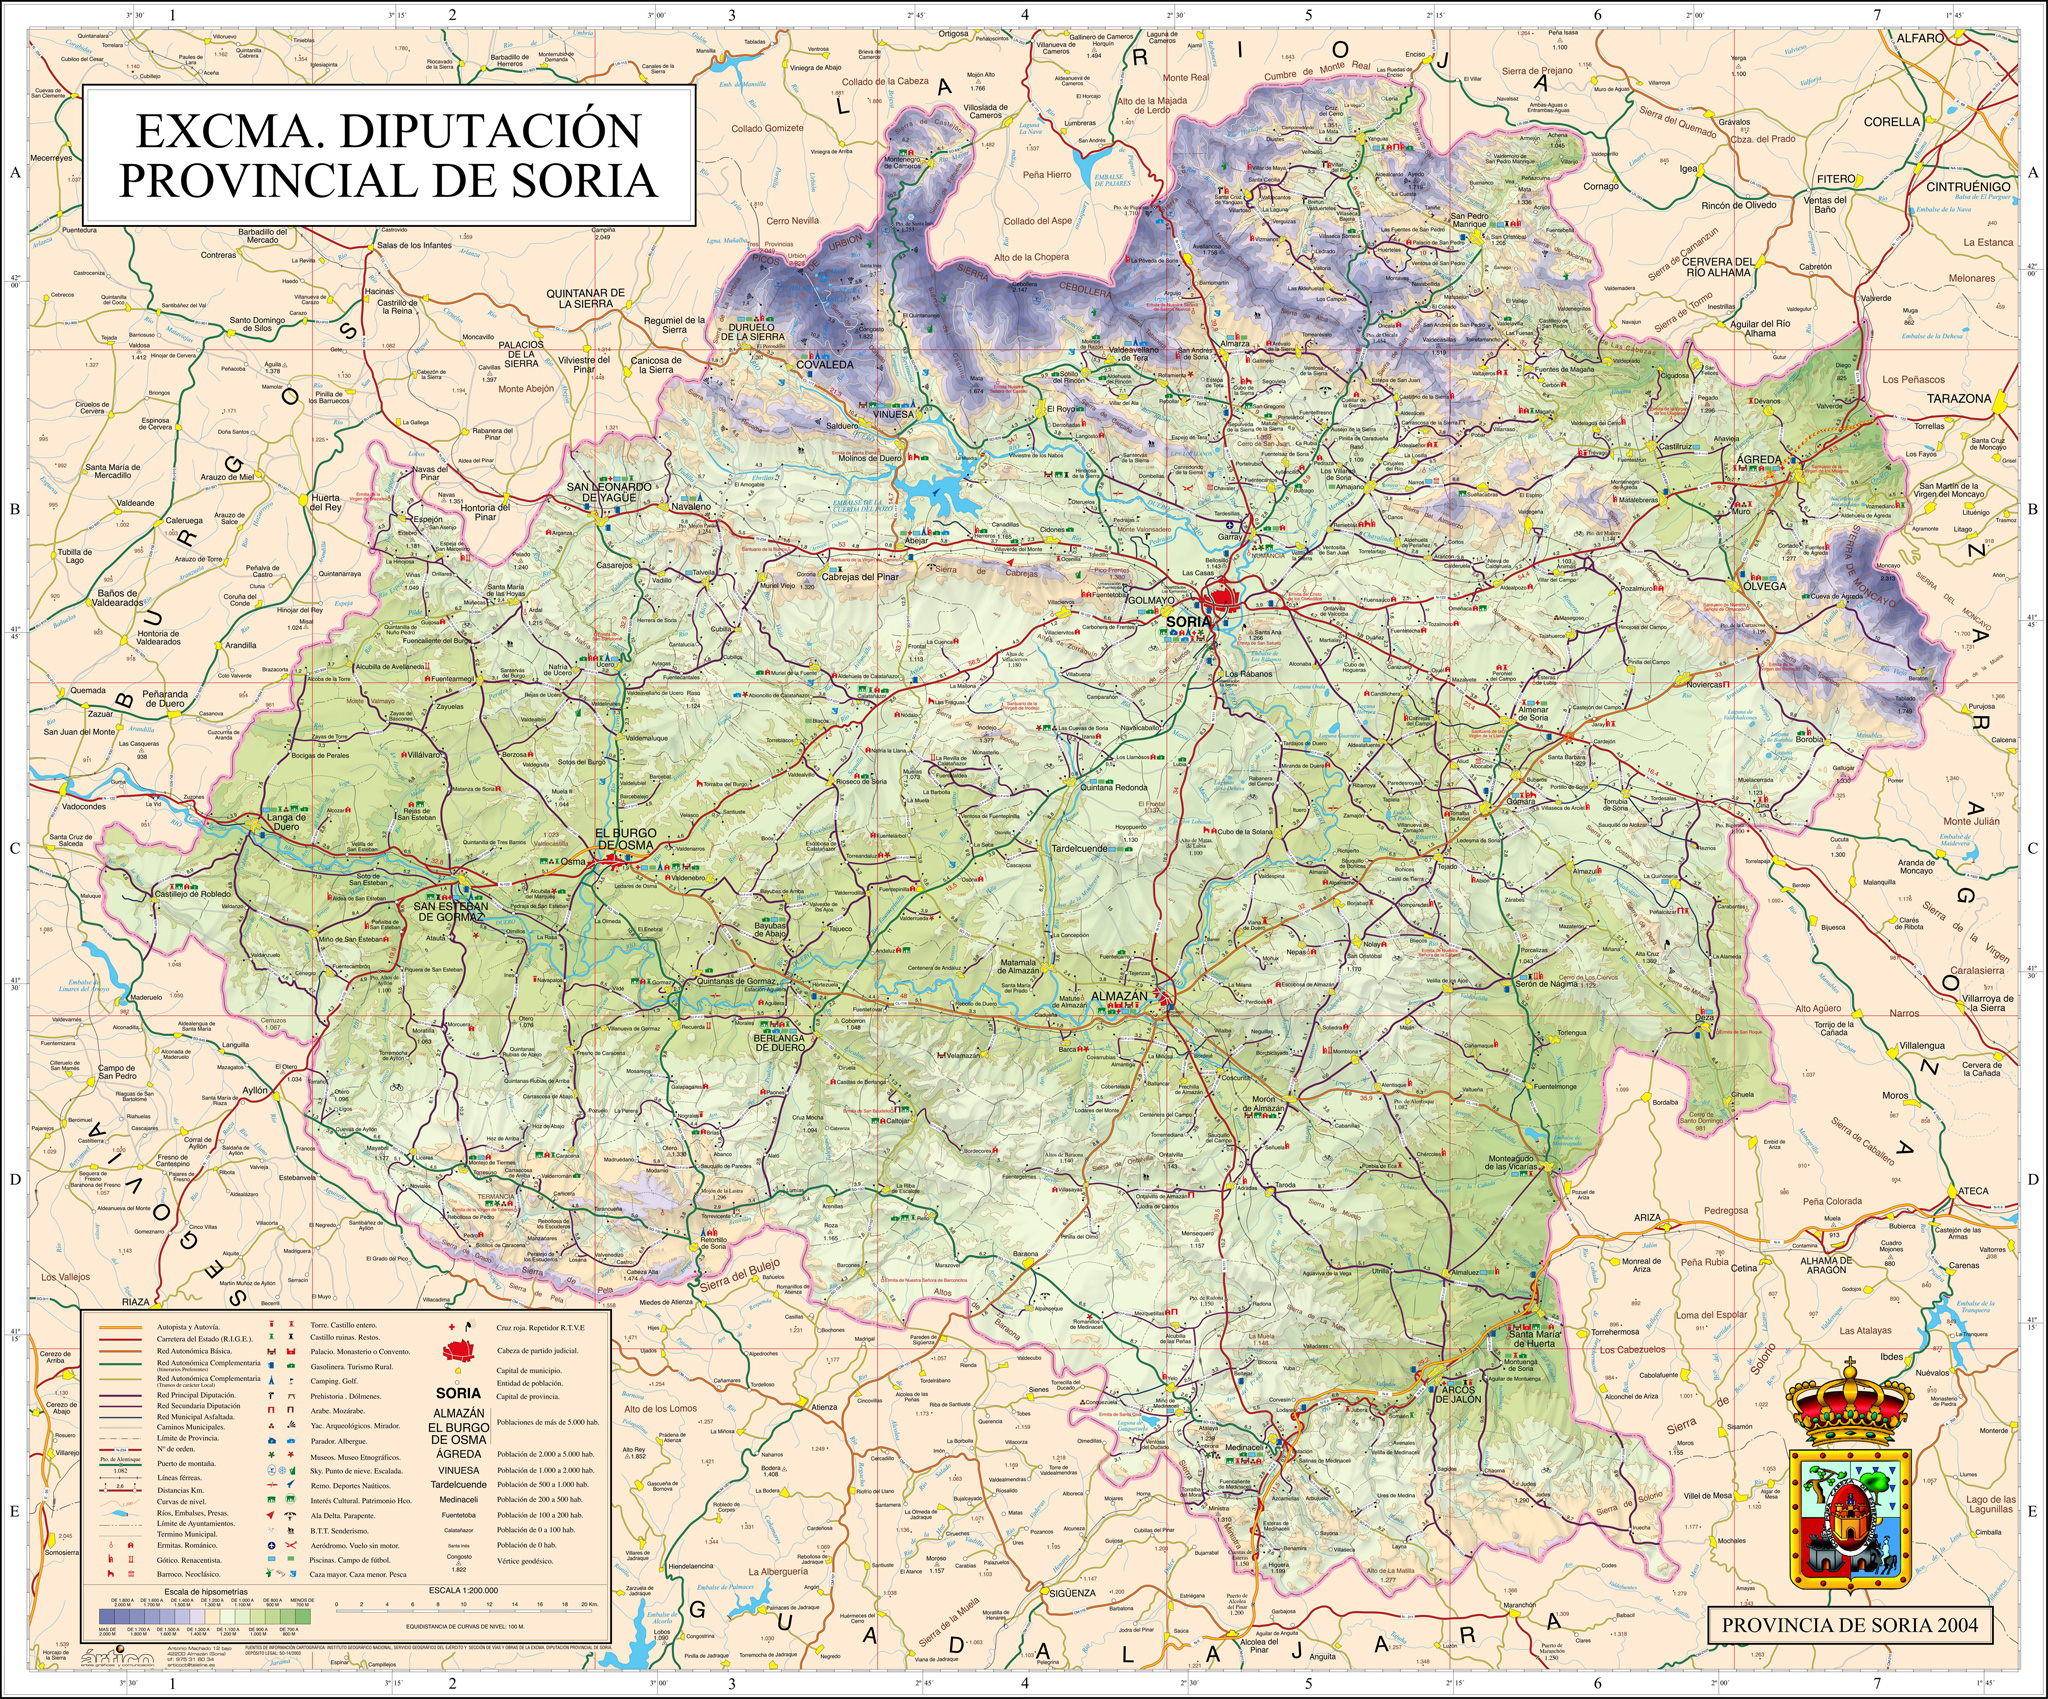 Mapa de la Provincia de Soria 2004